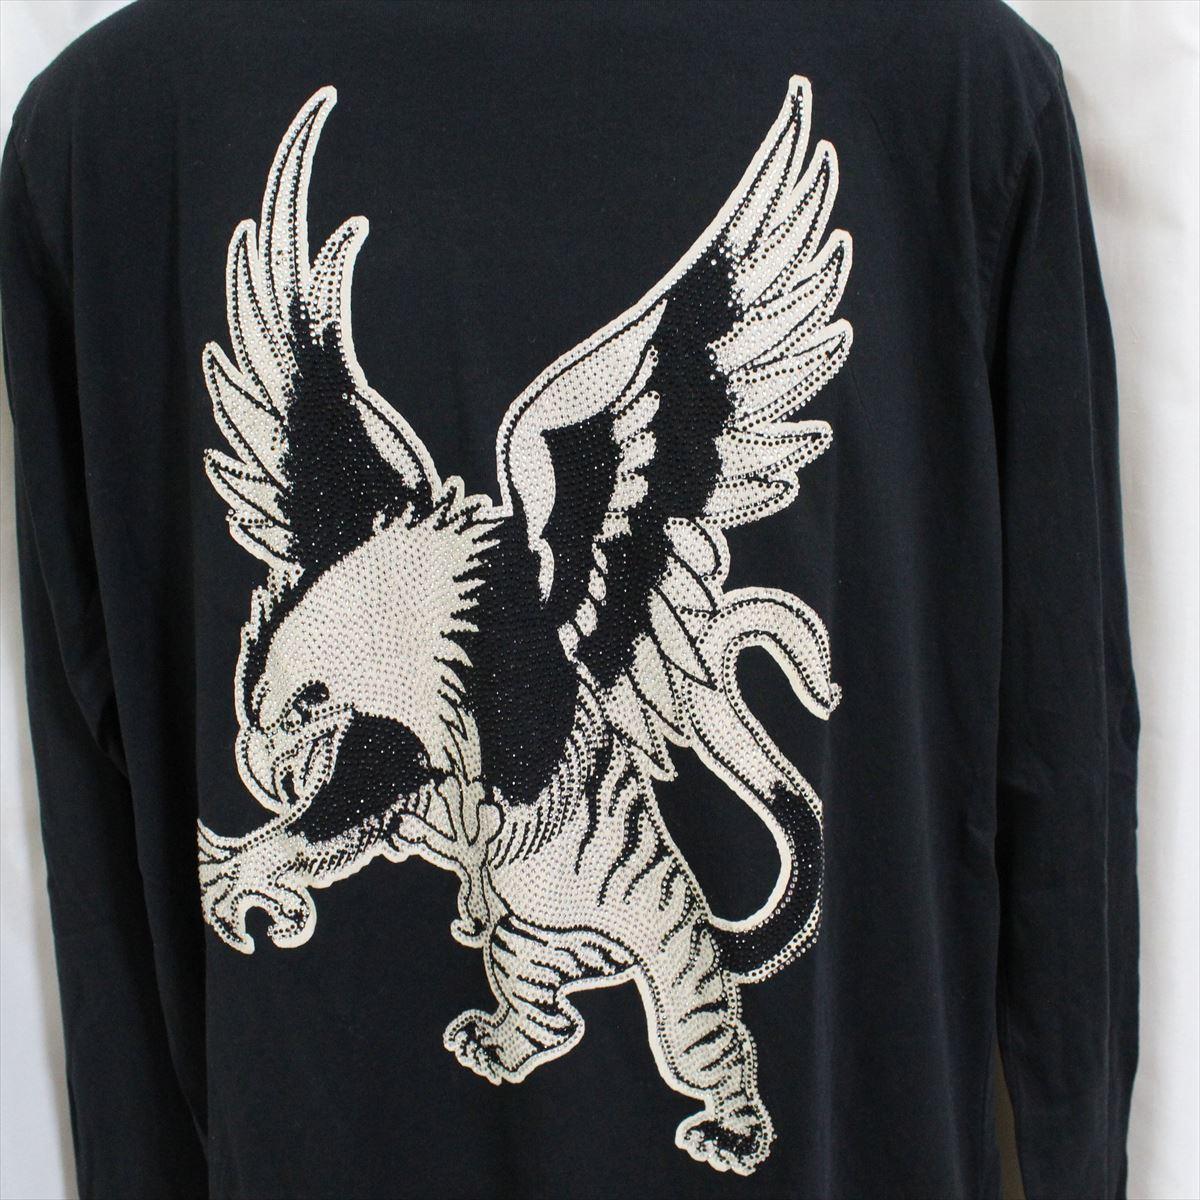 エドハーディー ED HARDY メンズ長袖Tシャツ ブラック Mサイズ LT409 新品 ドン・エド・ハーディー_画像2